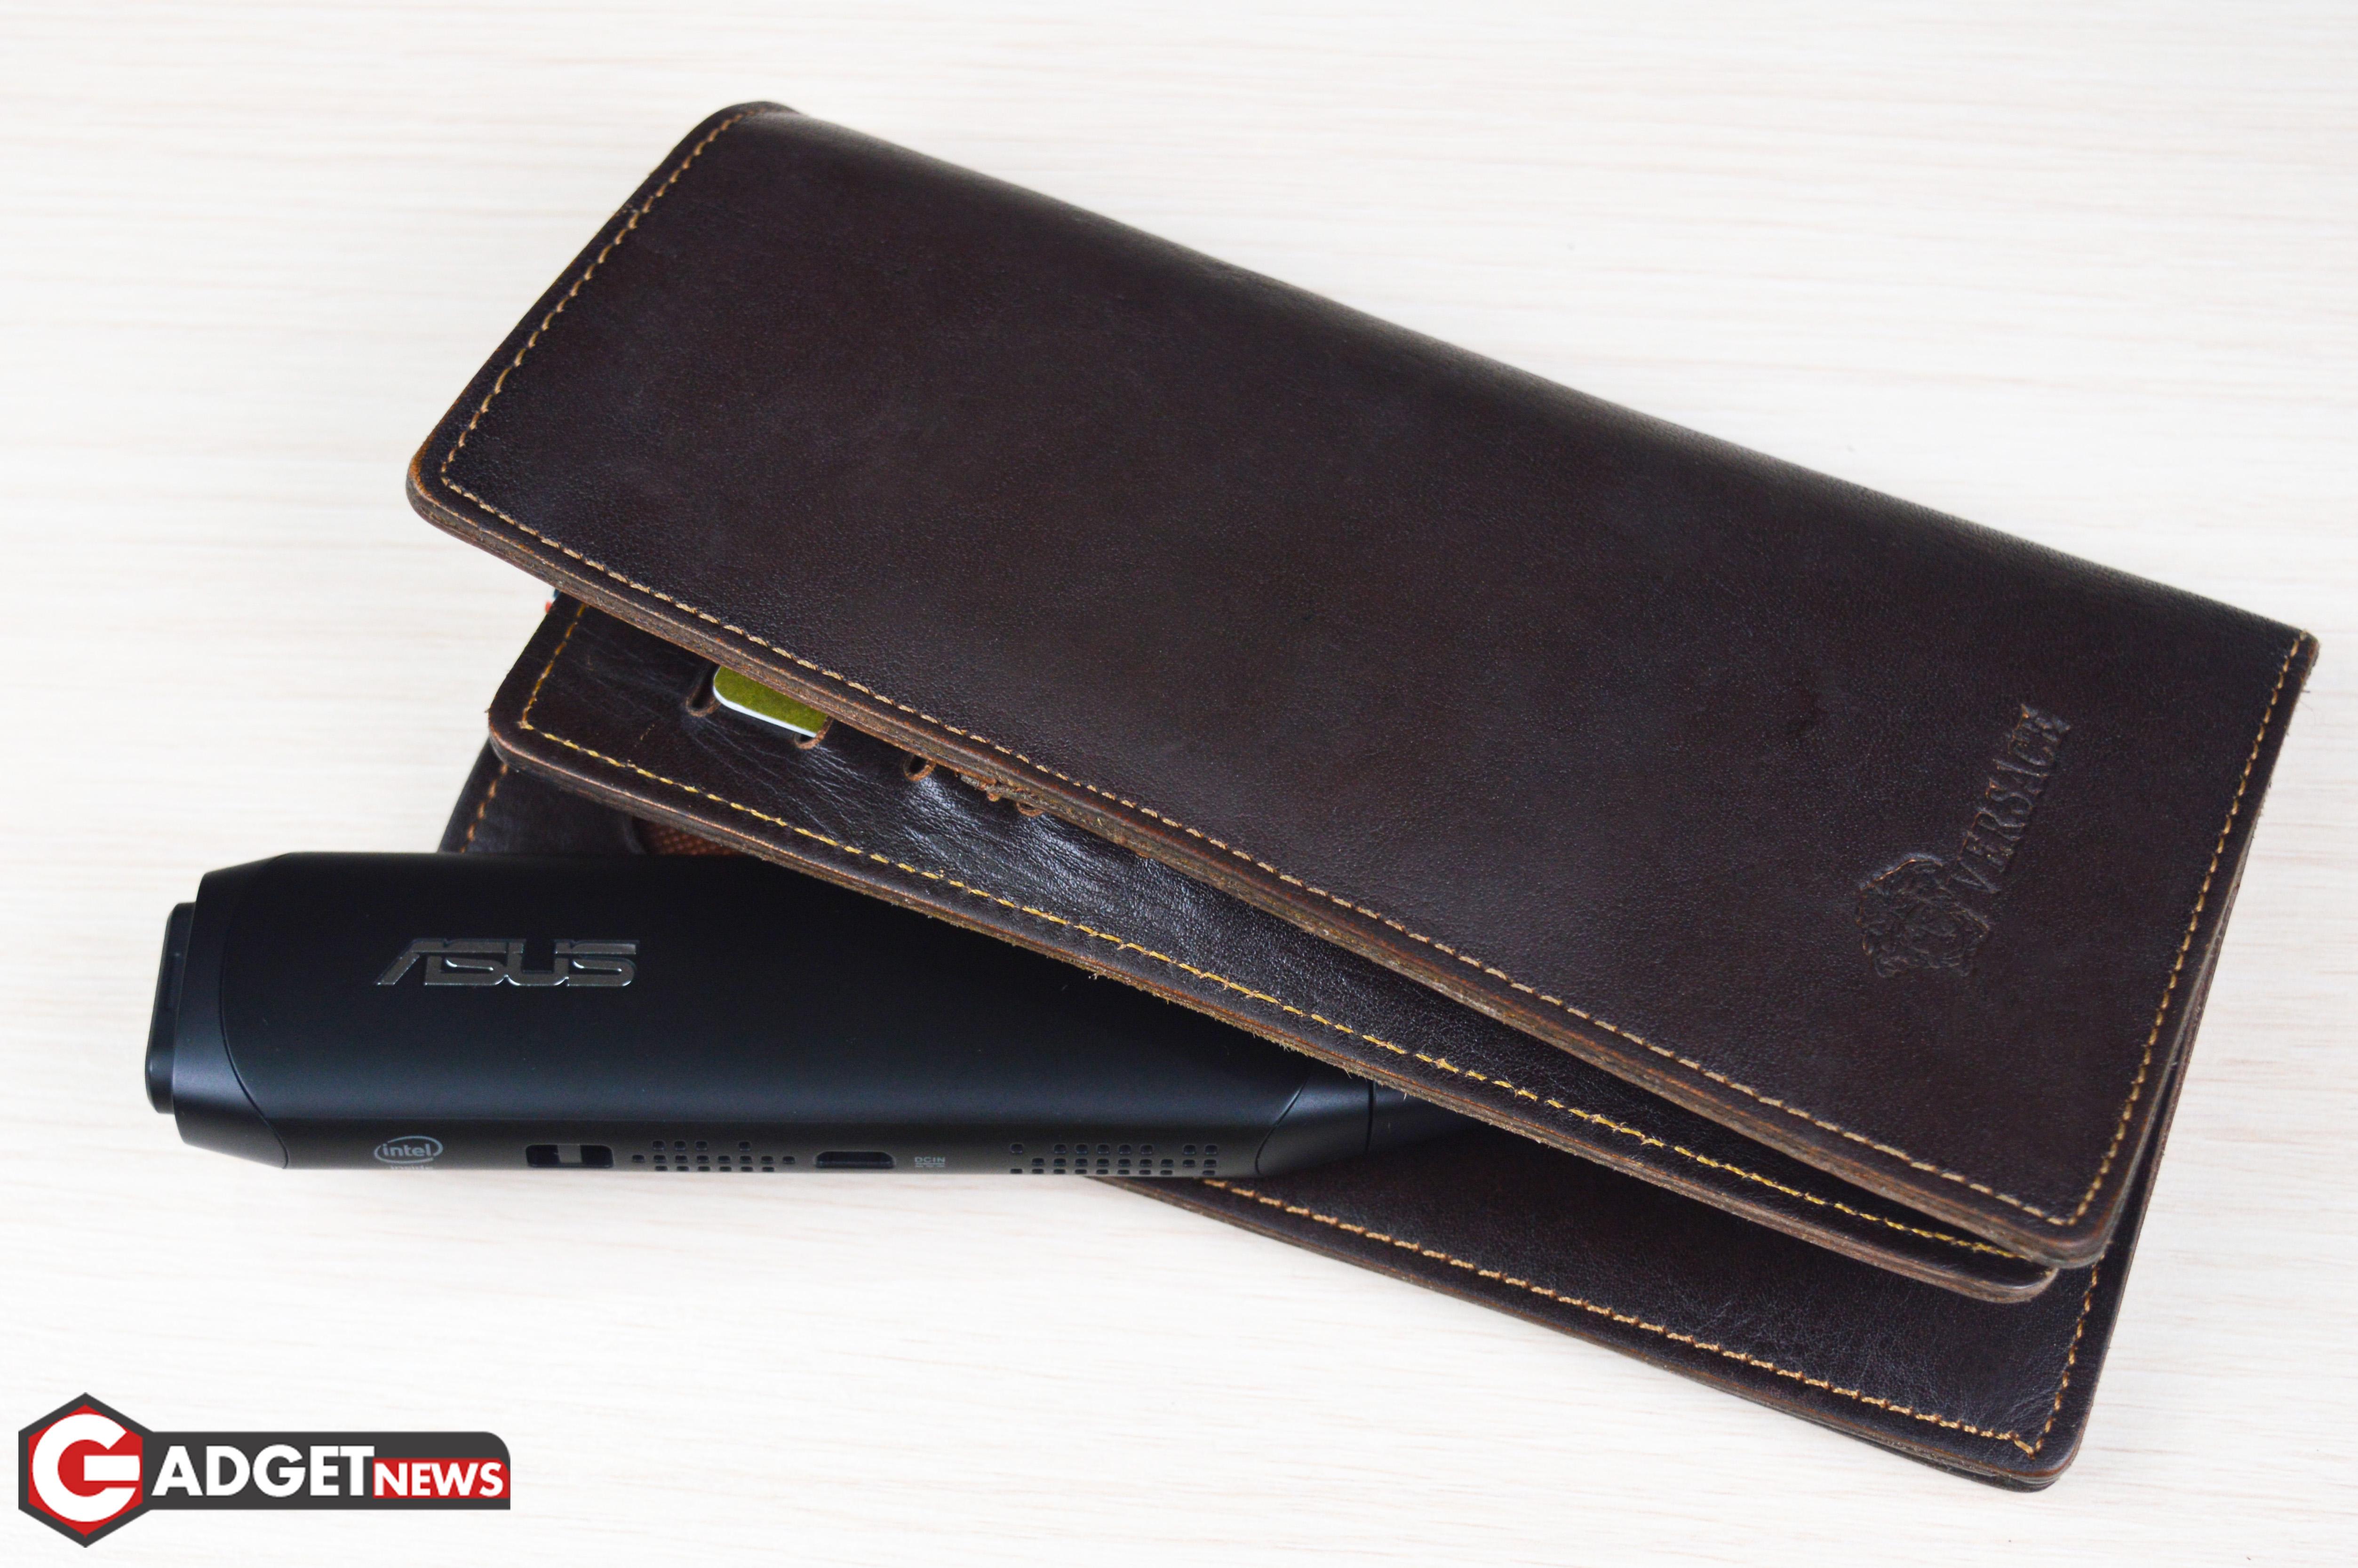 بررسی کامپیوتر جیبی ایسوس ویوو استیک پی سی مدل تی اس 10 - (Asus VivoStick PC (TS10